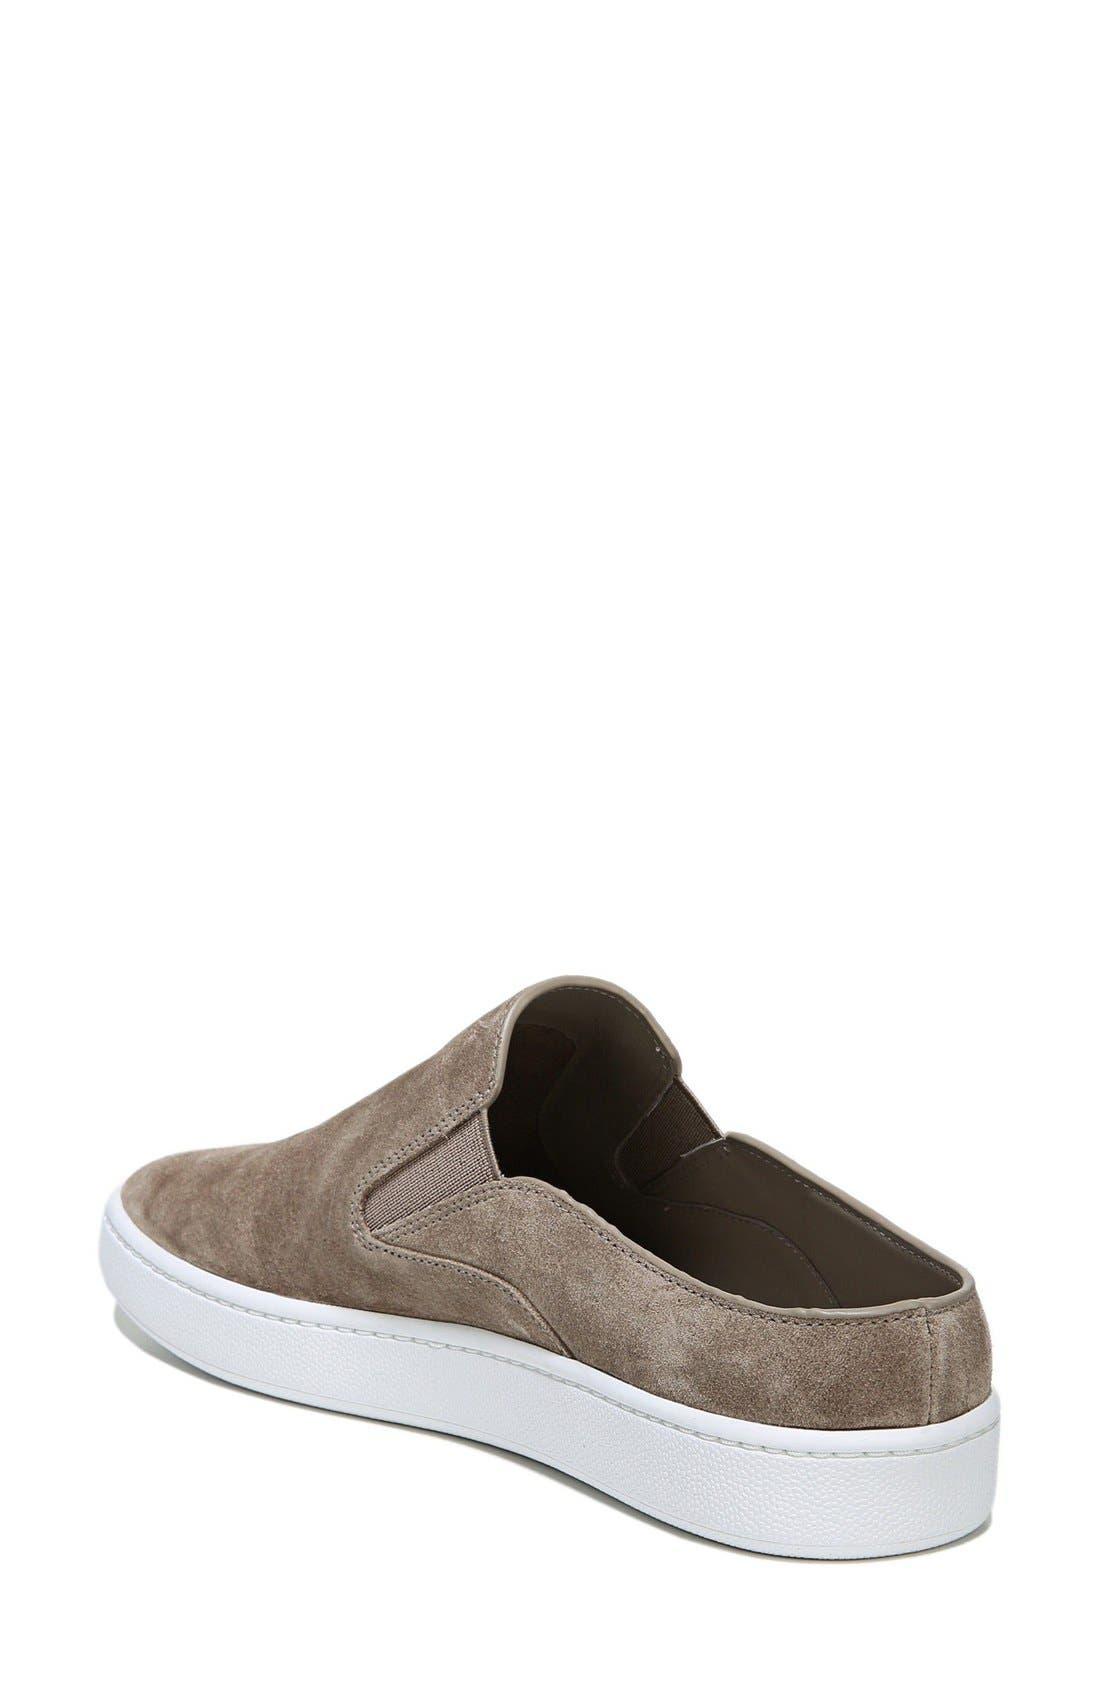 Verrell Slip-On Sneaker,                             Alternate thumbnail 18, color,